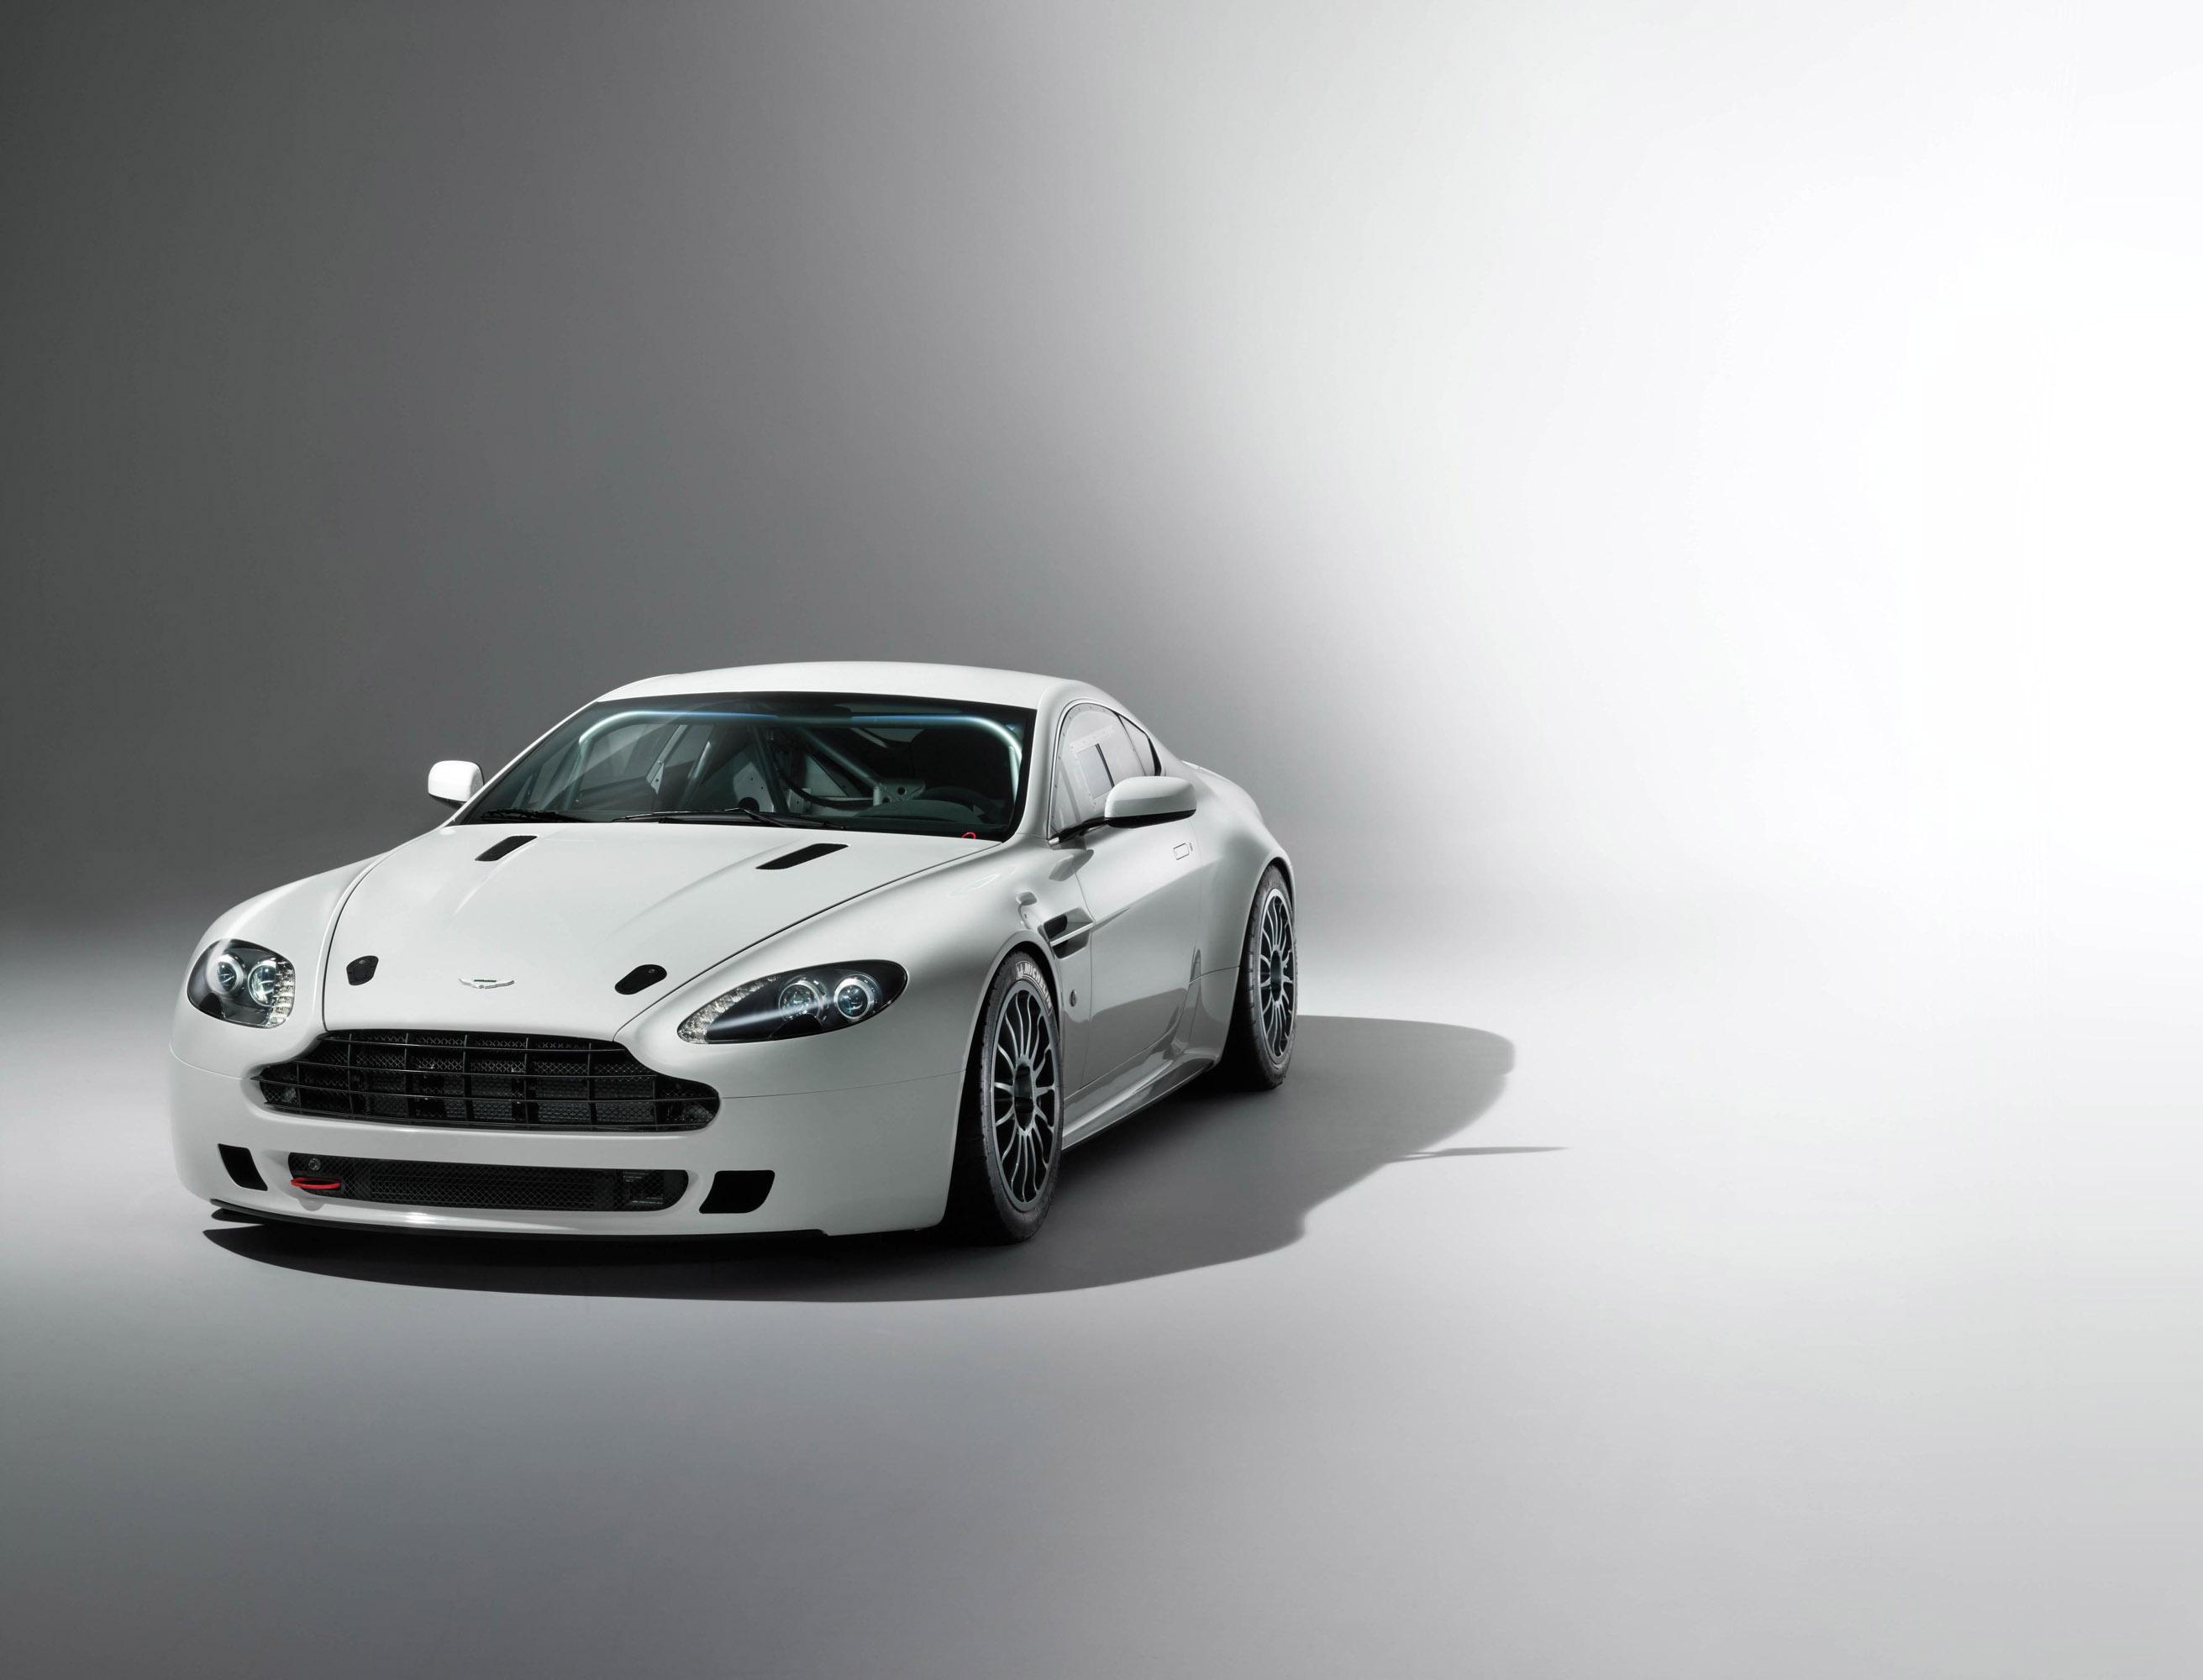 Aston Martin Vantage GT4 photo #1